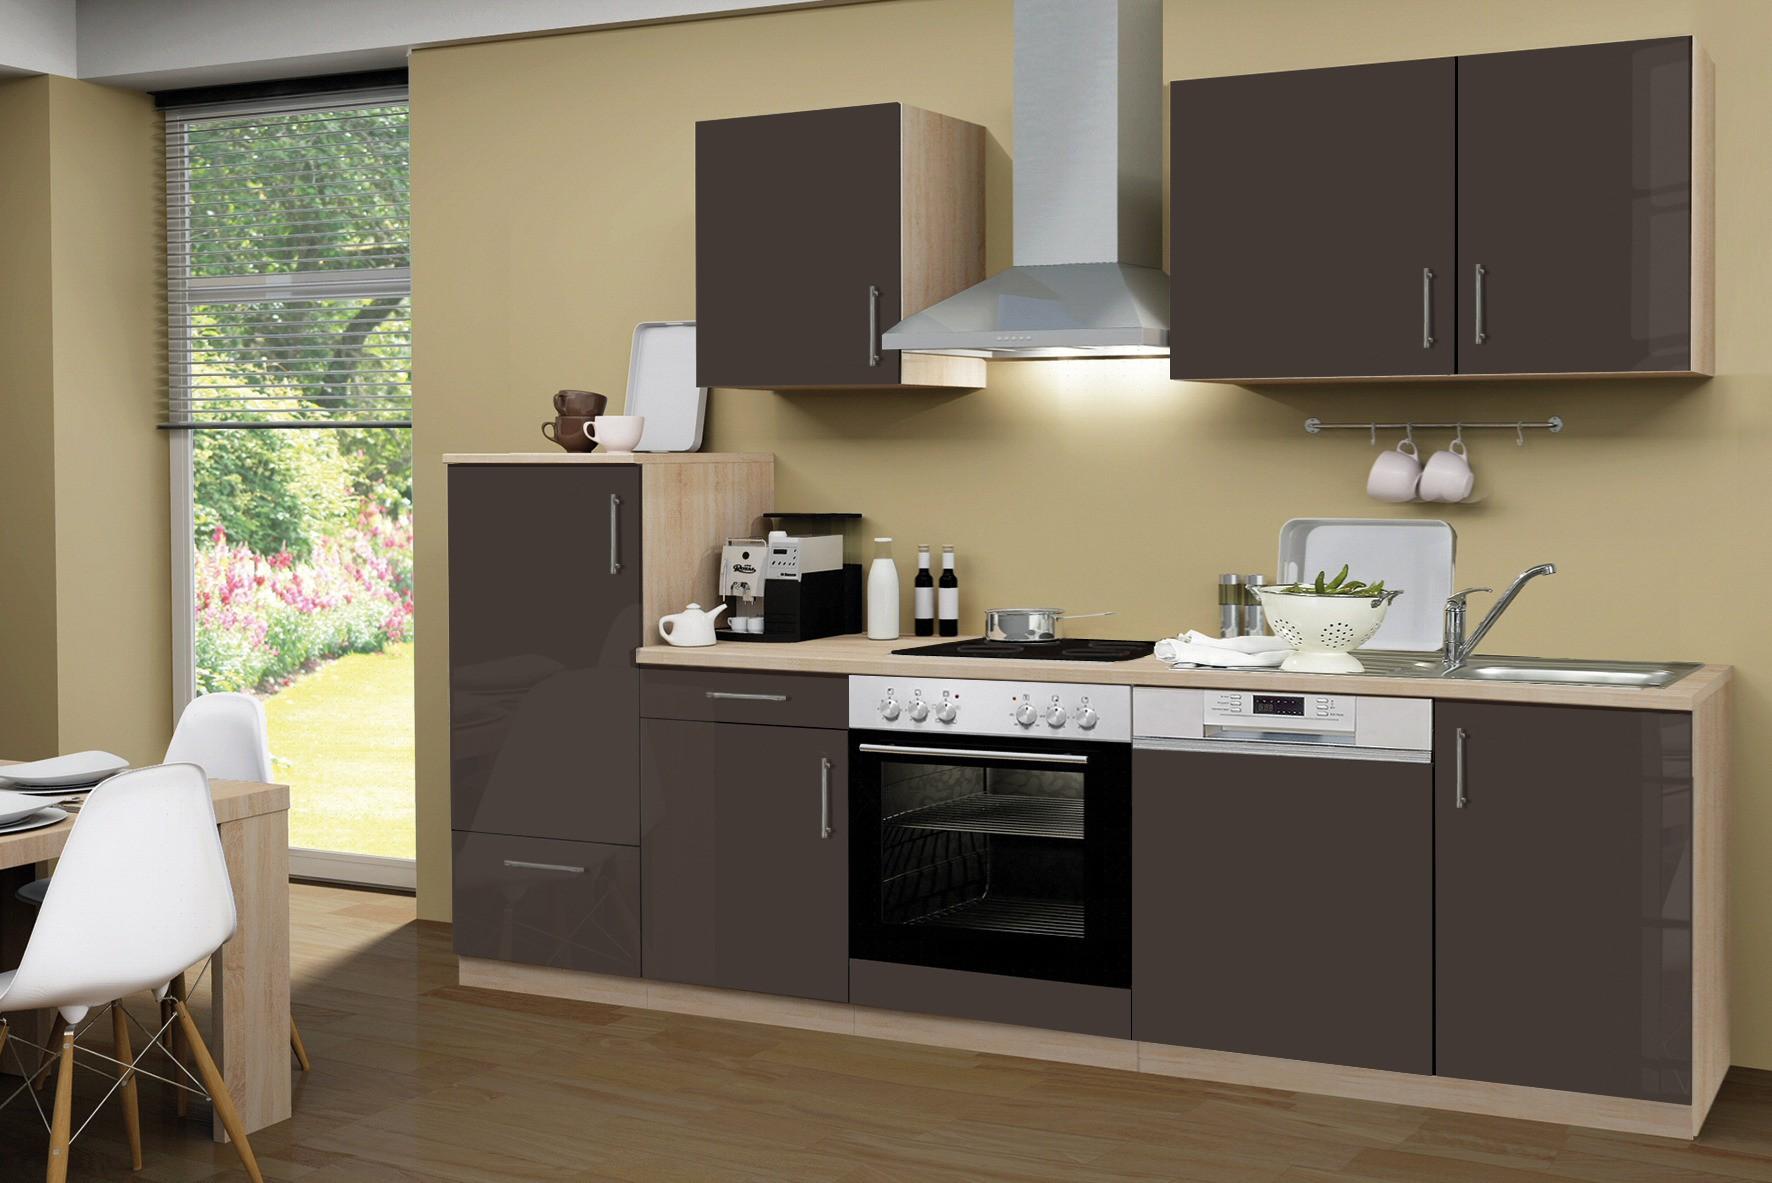 Günstige Küche Mit Elektrogeräten mit perfekt stil für ihr wohnideen